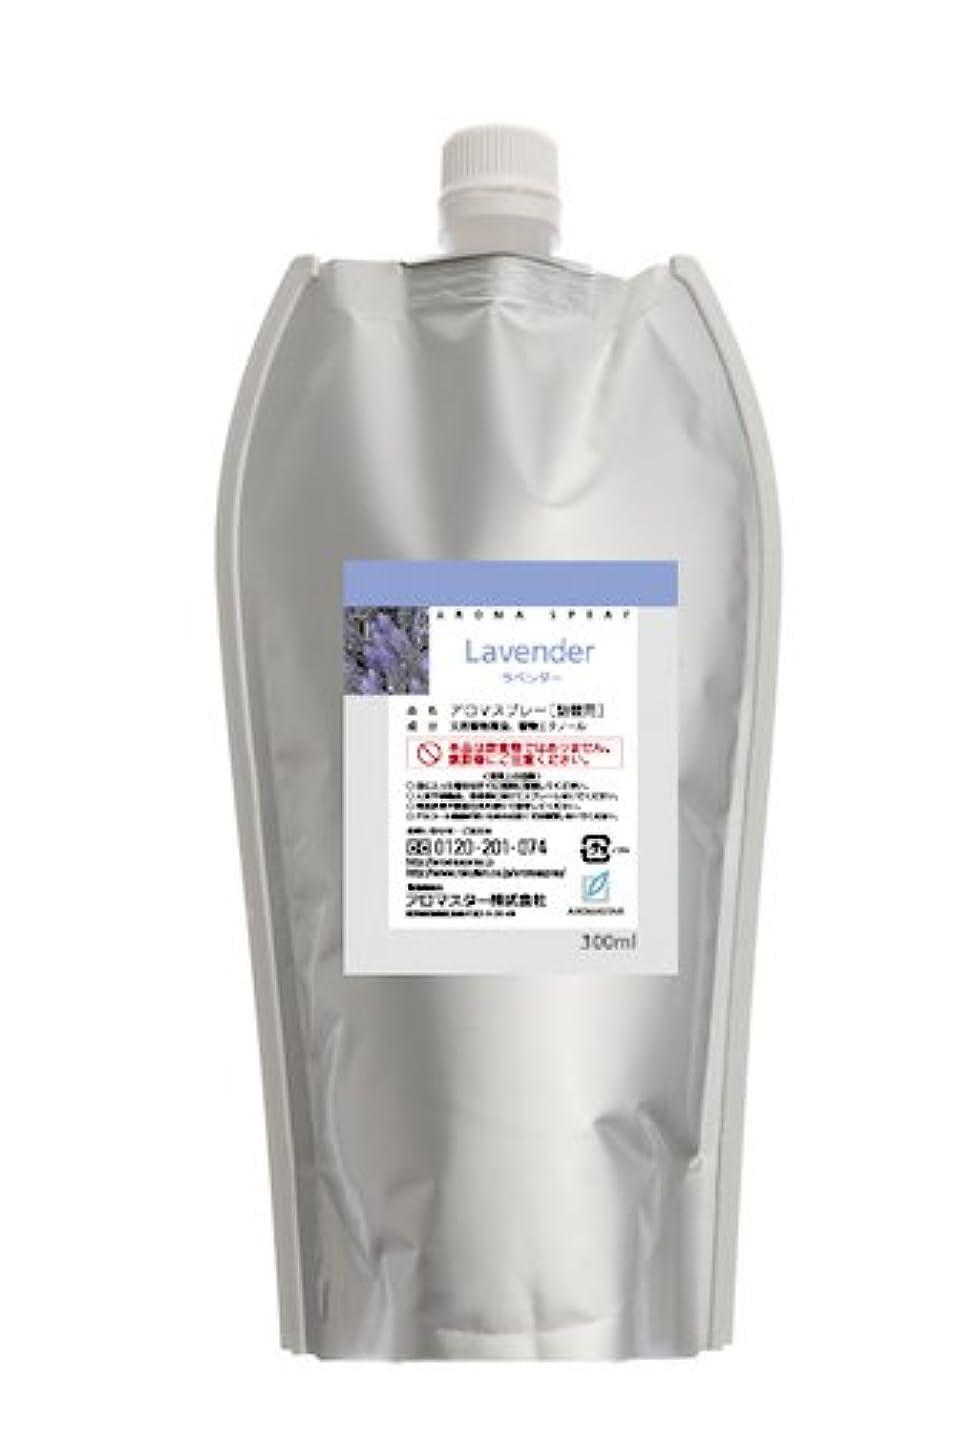 リルブラウスカールAROMASTAR(アロマスター) アロマスプレー ラベンダー 300ml詰替用(エコパック)